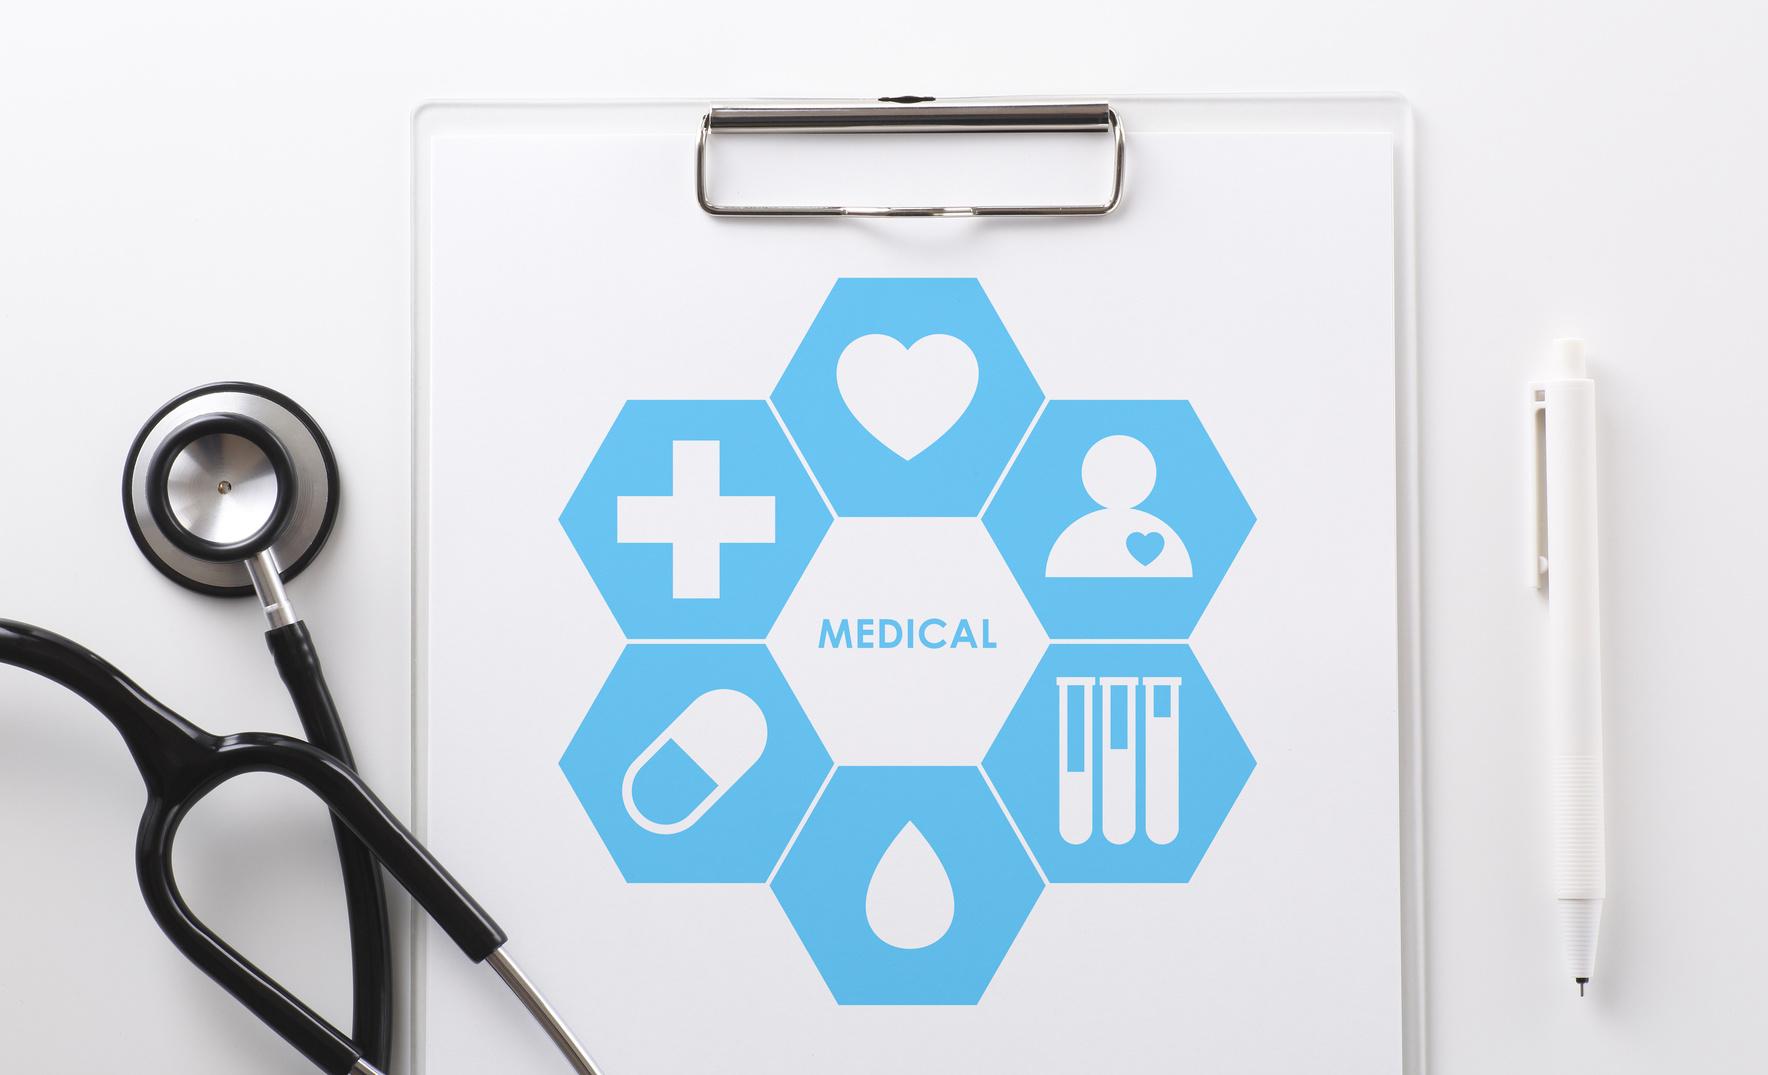 手術件数が多く専門性を持つ病院の方が、がんの治療成績がよい